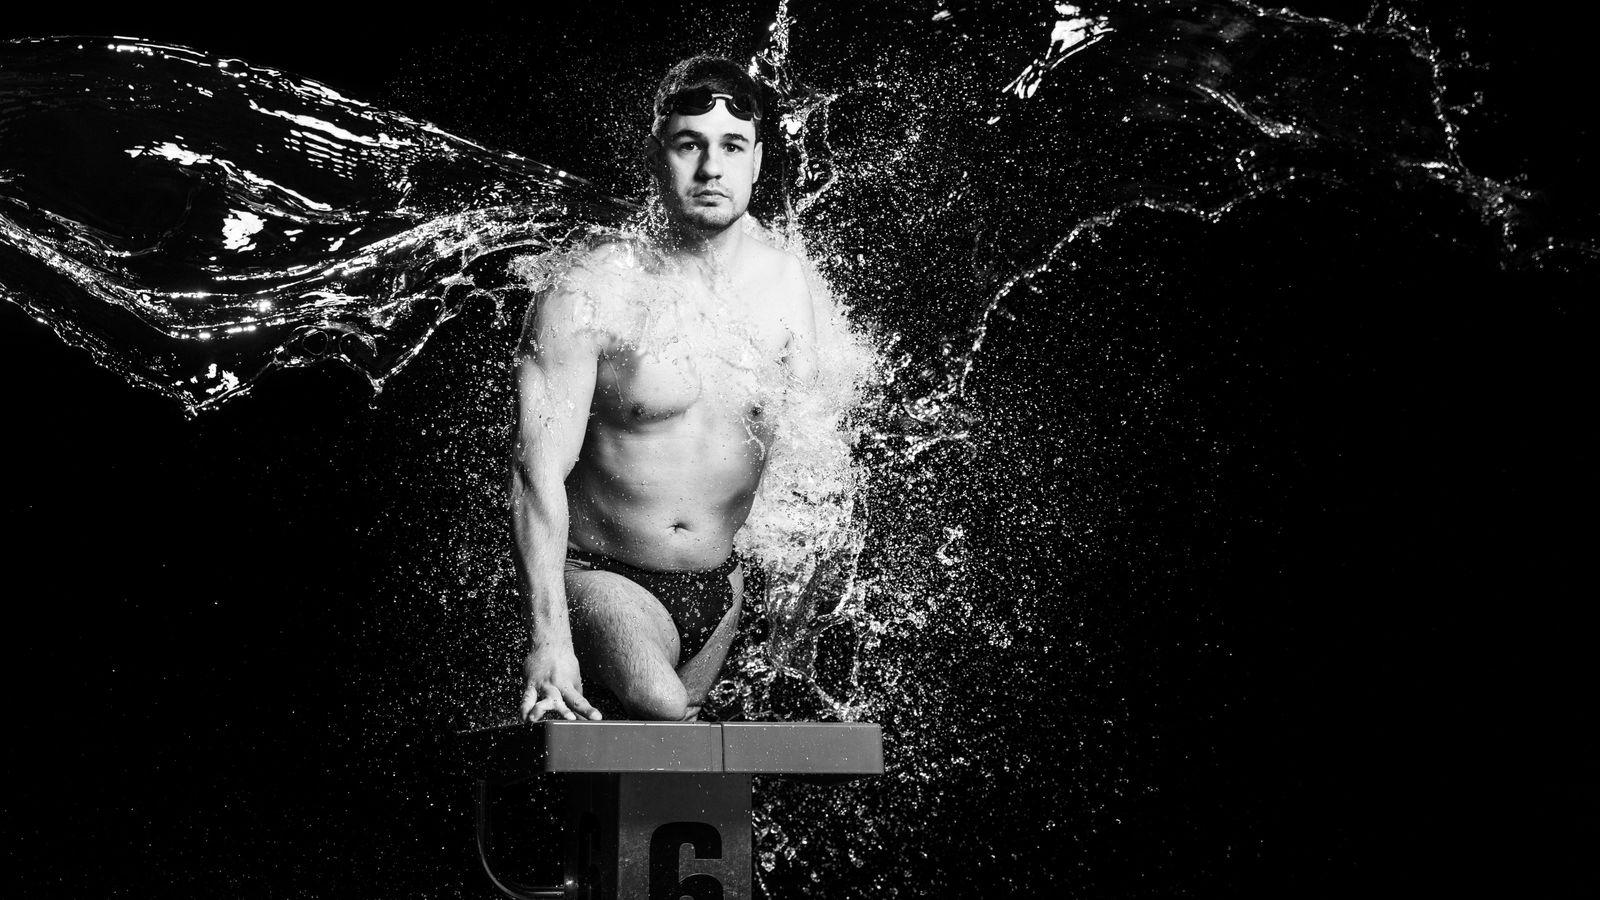 Der slowenische Schwimmer Darko Duric wurde mit angeborener Amputation geboren, einer Erkrankung, bei der Gliedmaßen im ...